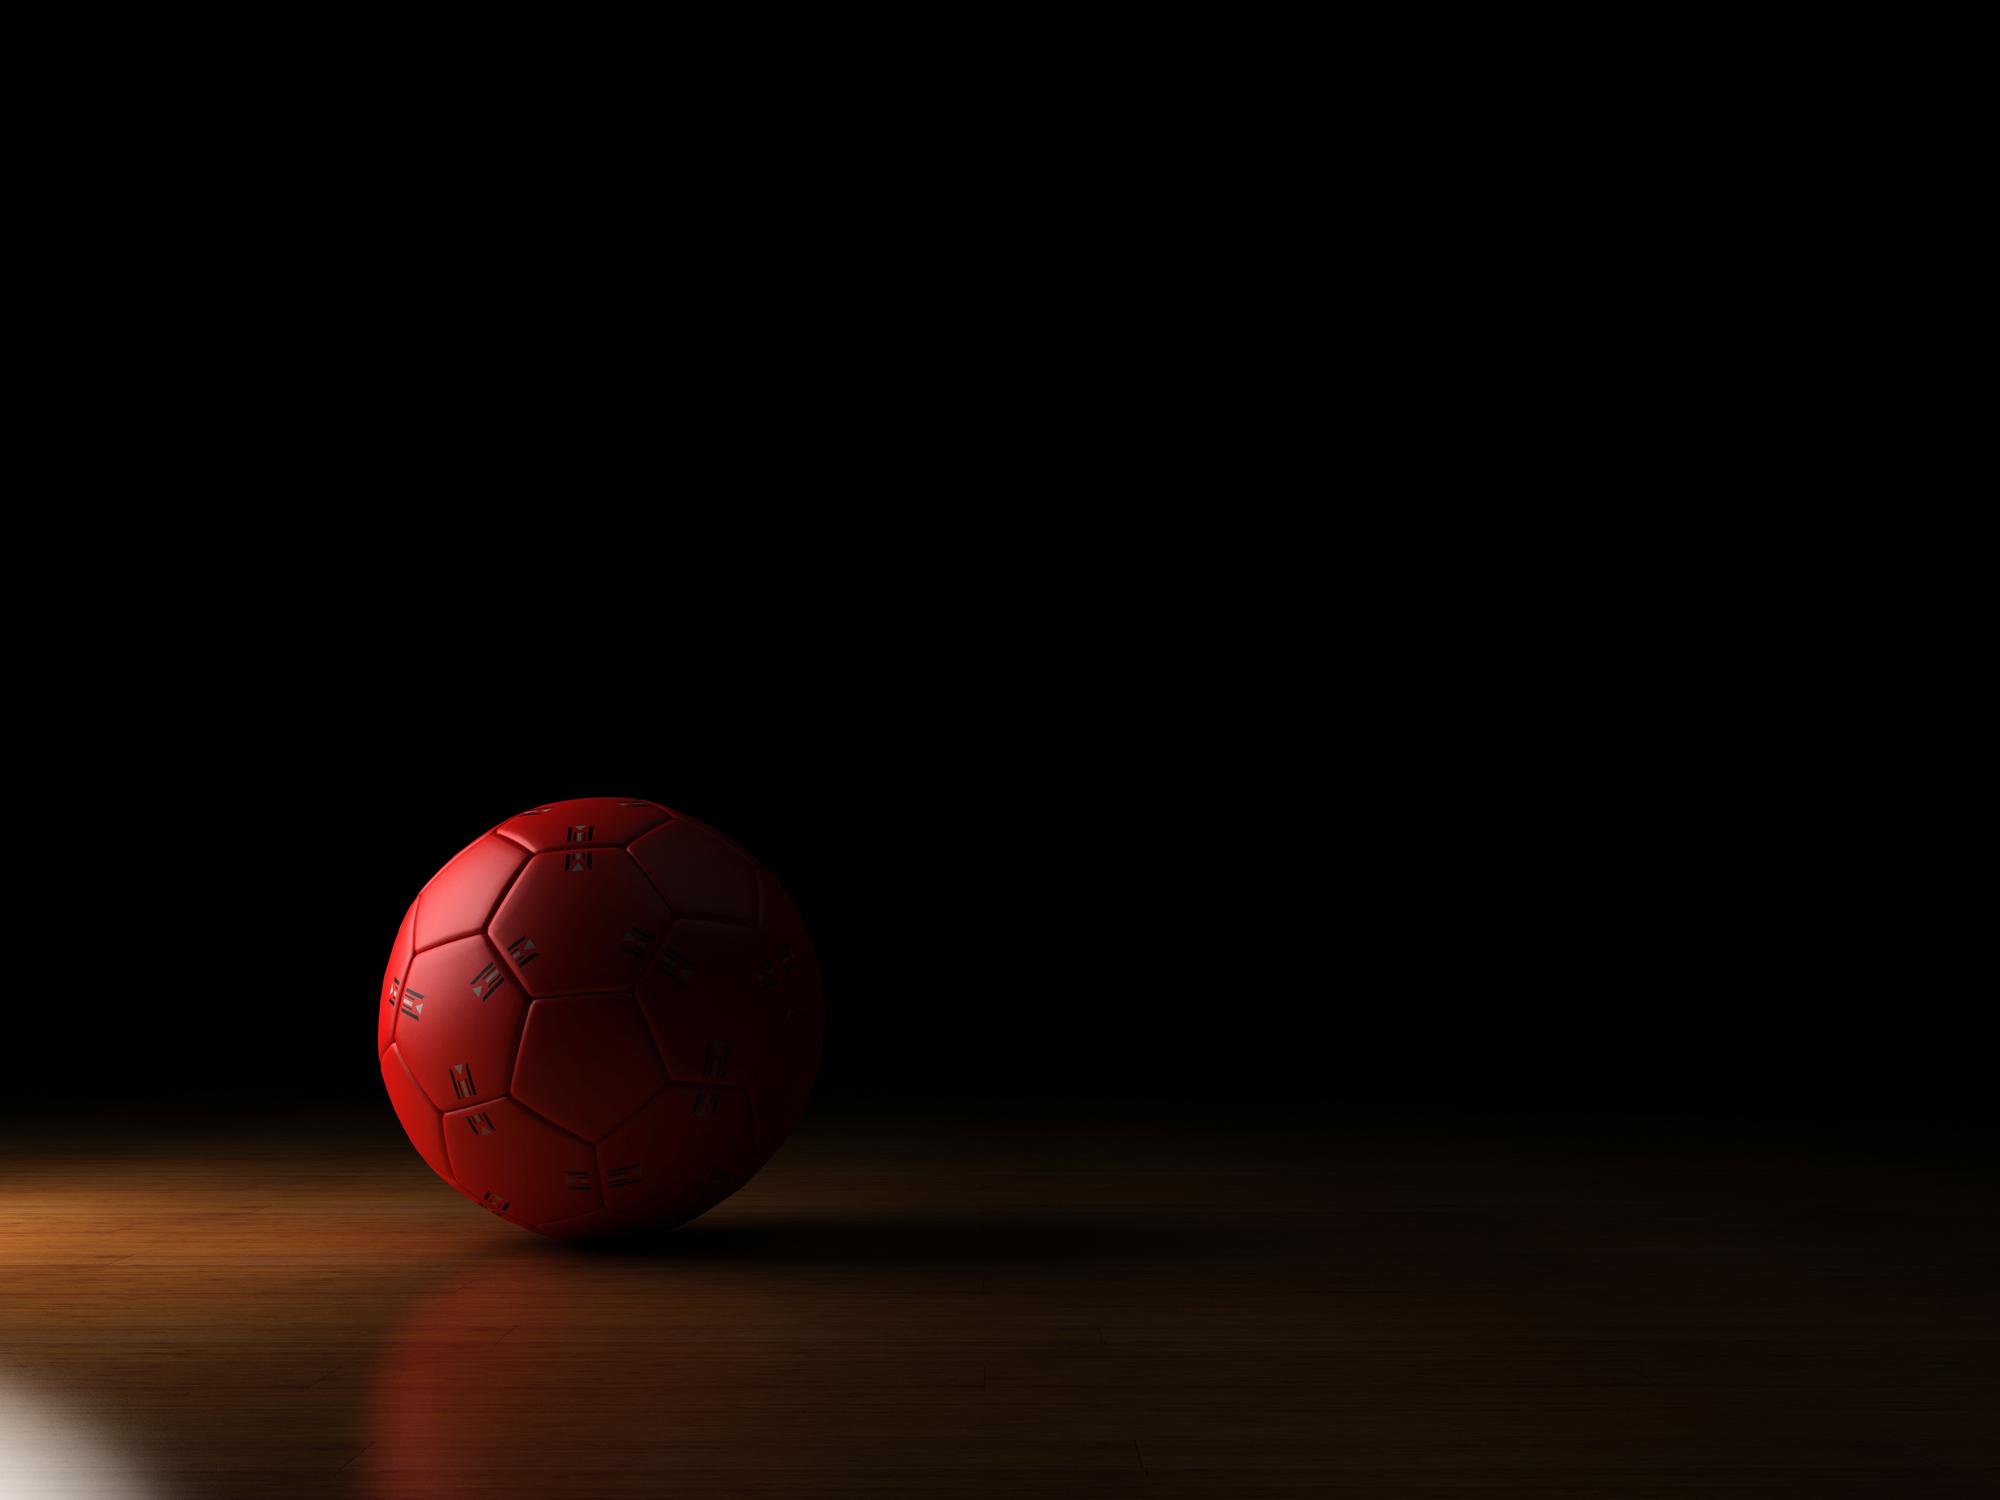 Handbalclub Elita Lebbeke-Buggenhout stopt onmiddellijk al zijn sportactiviteiten tot 16 november.